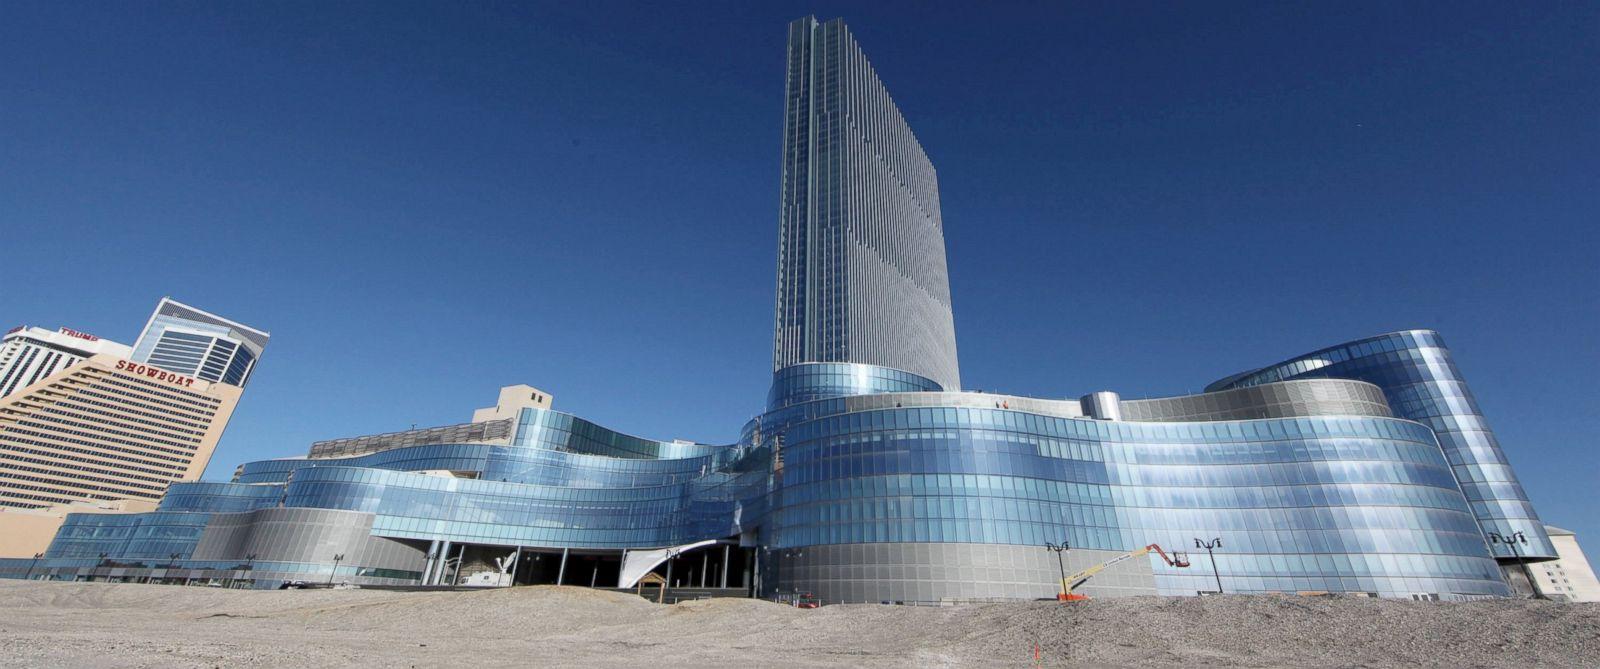 revel resort and casino